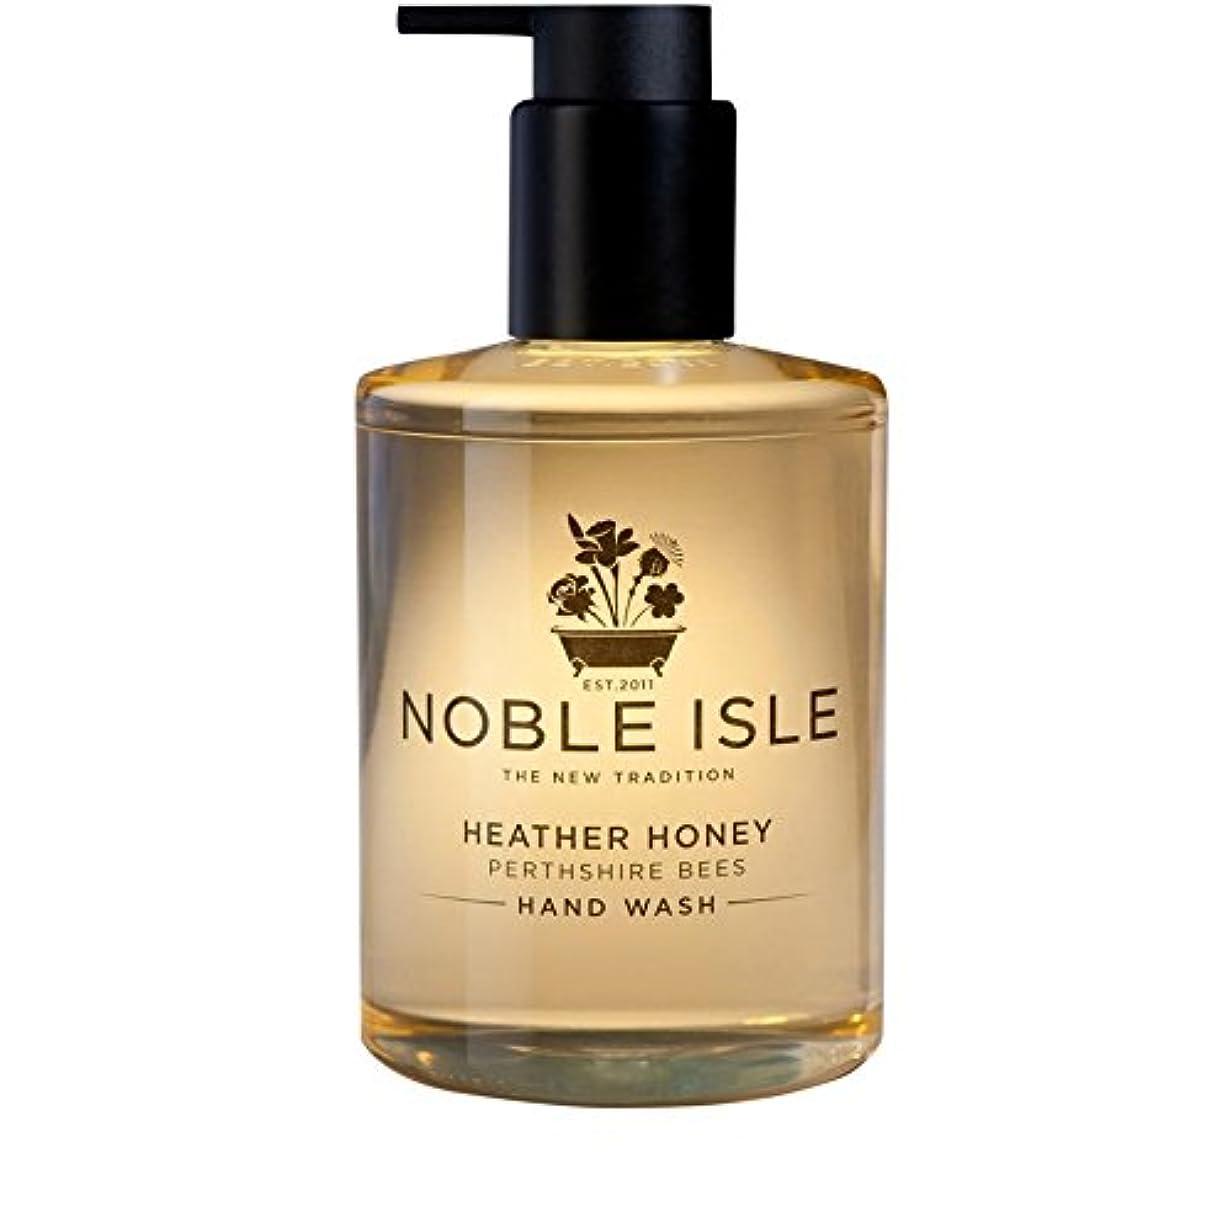 切り離す公爵夫人皮肉高貴な島杢蜂蜜パースシャー蜂のハンドウォッシュ250ミリリットル x2 - Noble Isle Heather Honey Perthshire Bees Hand Wash 250ml (Pack of 2) [並行輸入品]